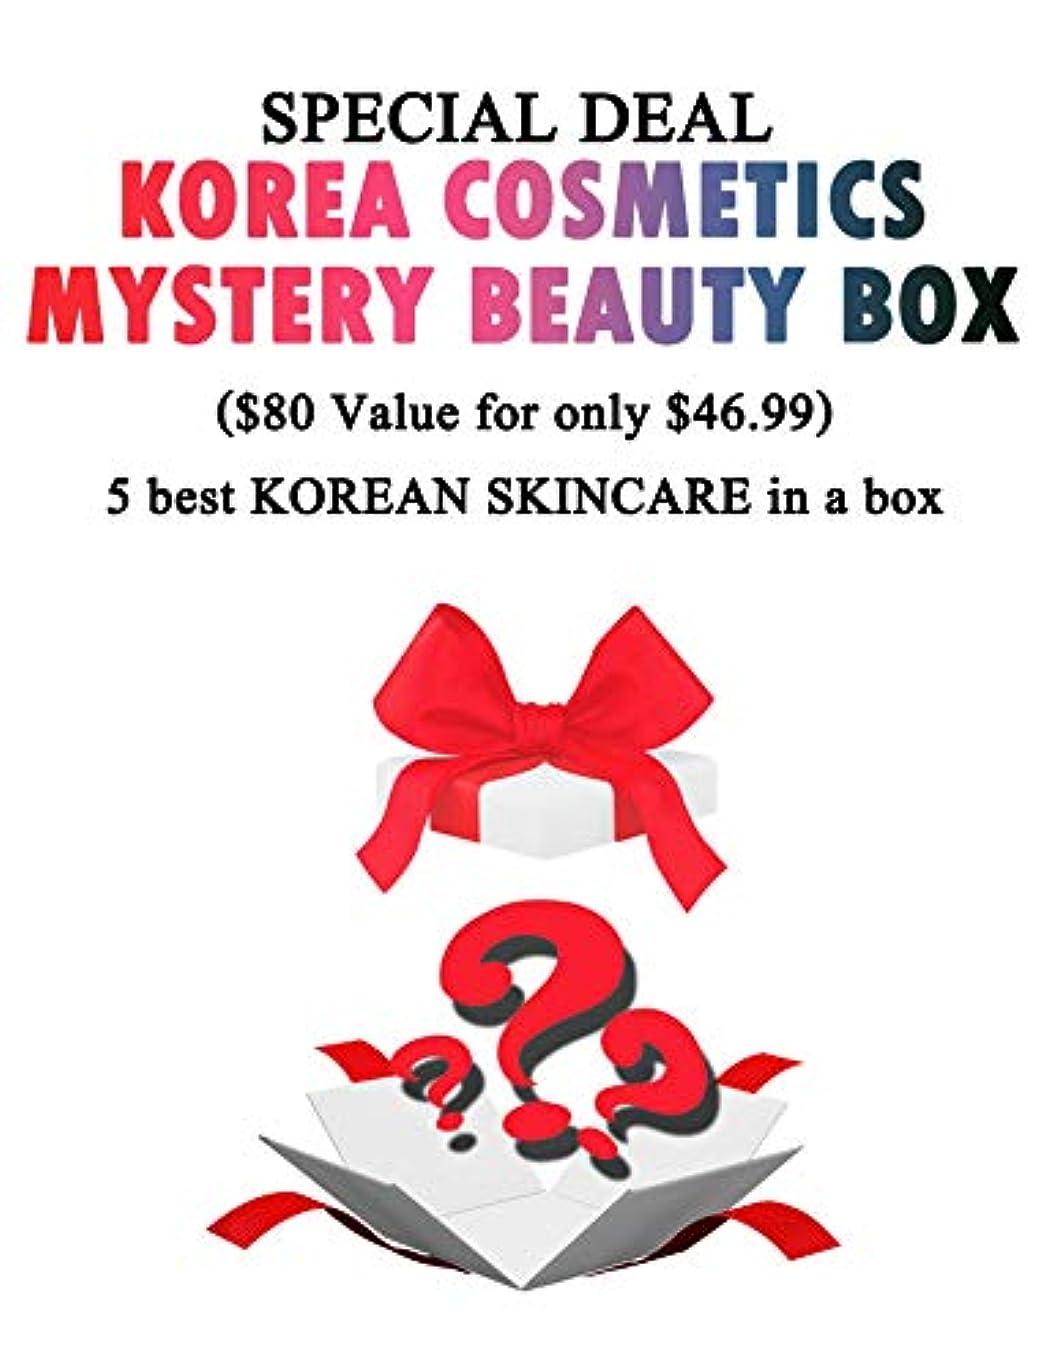 に対処する分注する有効なMystery Beauty Box ミステリービューティーボックス 5 Best Korean Skincare Products in a Box 韓国コスメ スキンケア 5EA Surprise Gift box